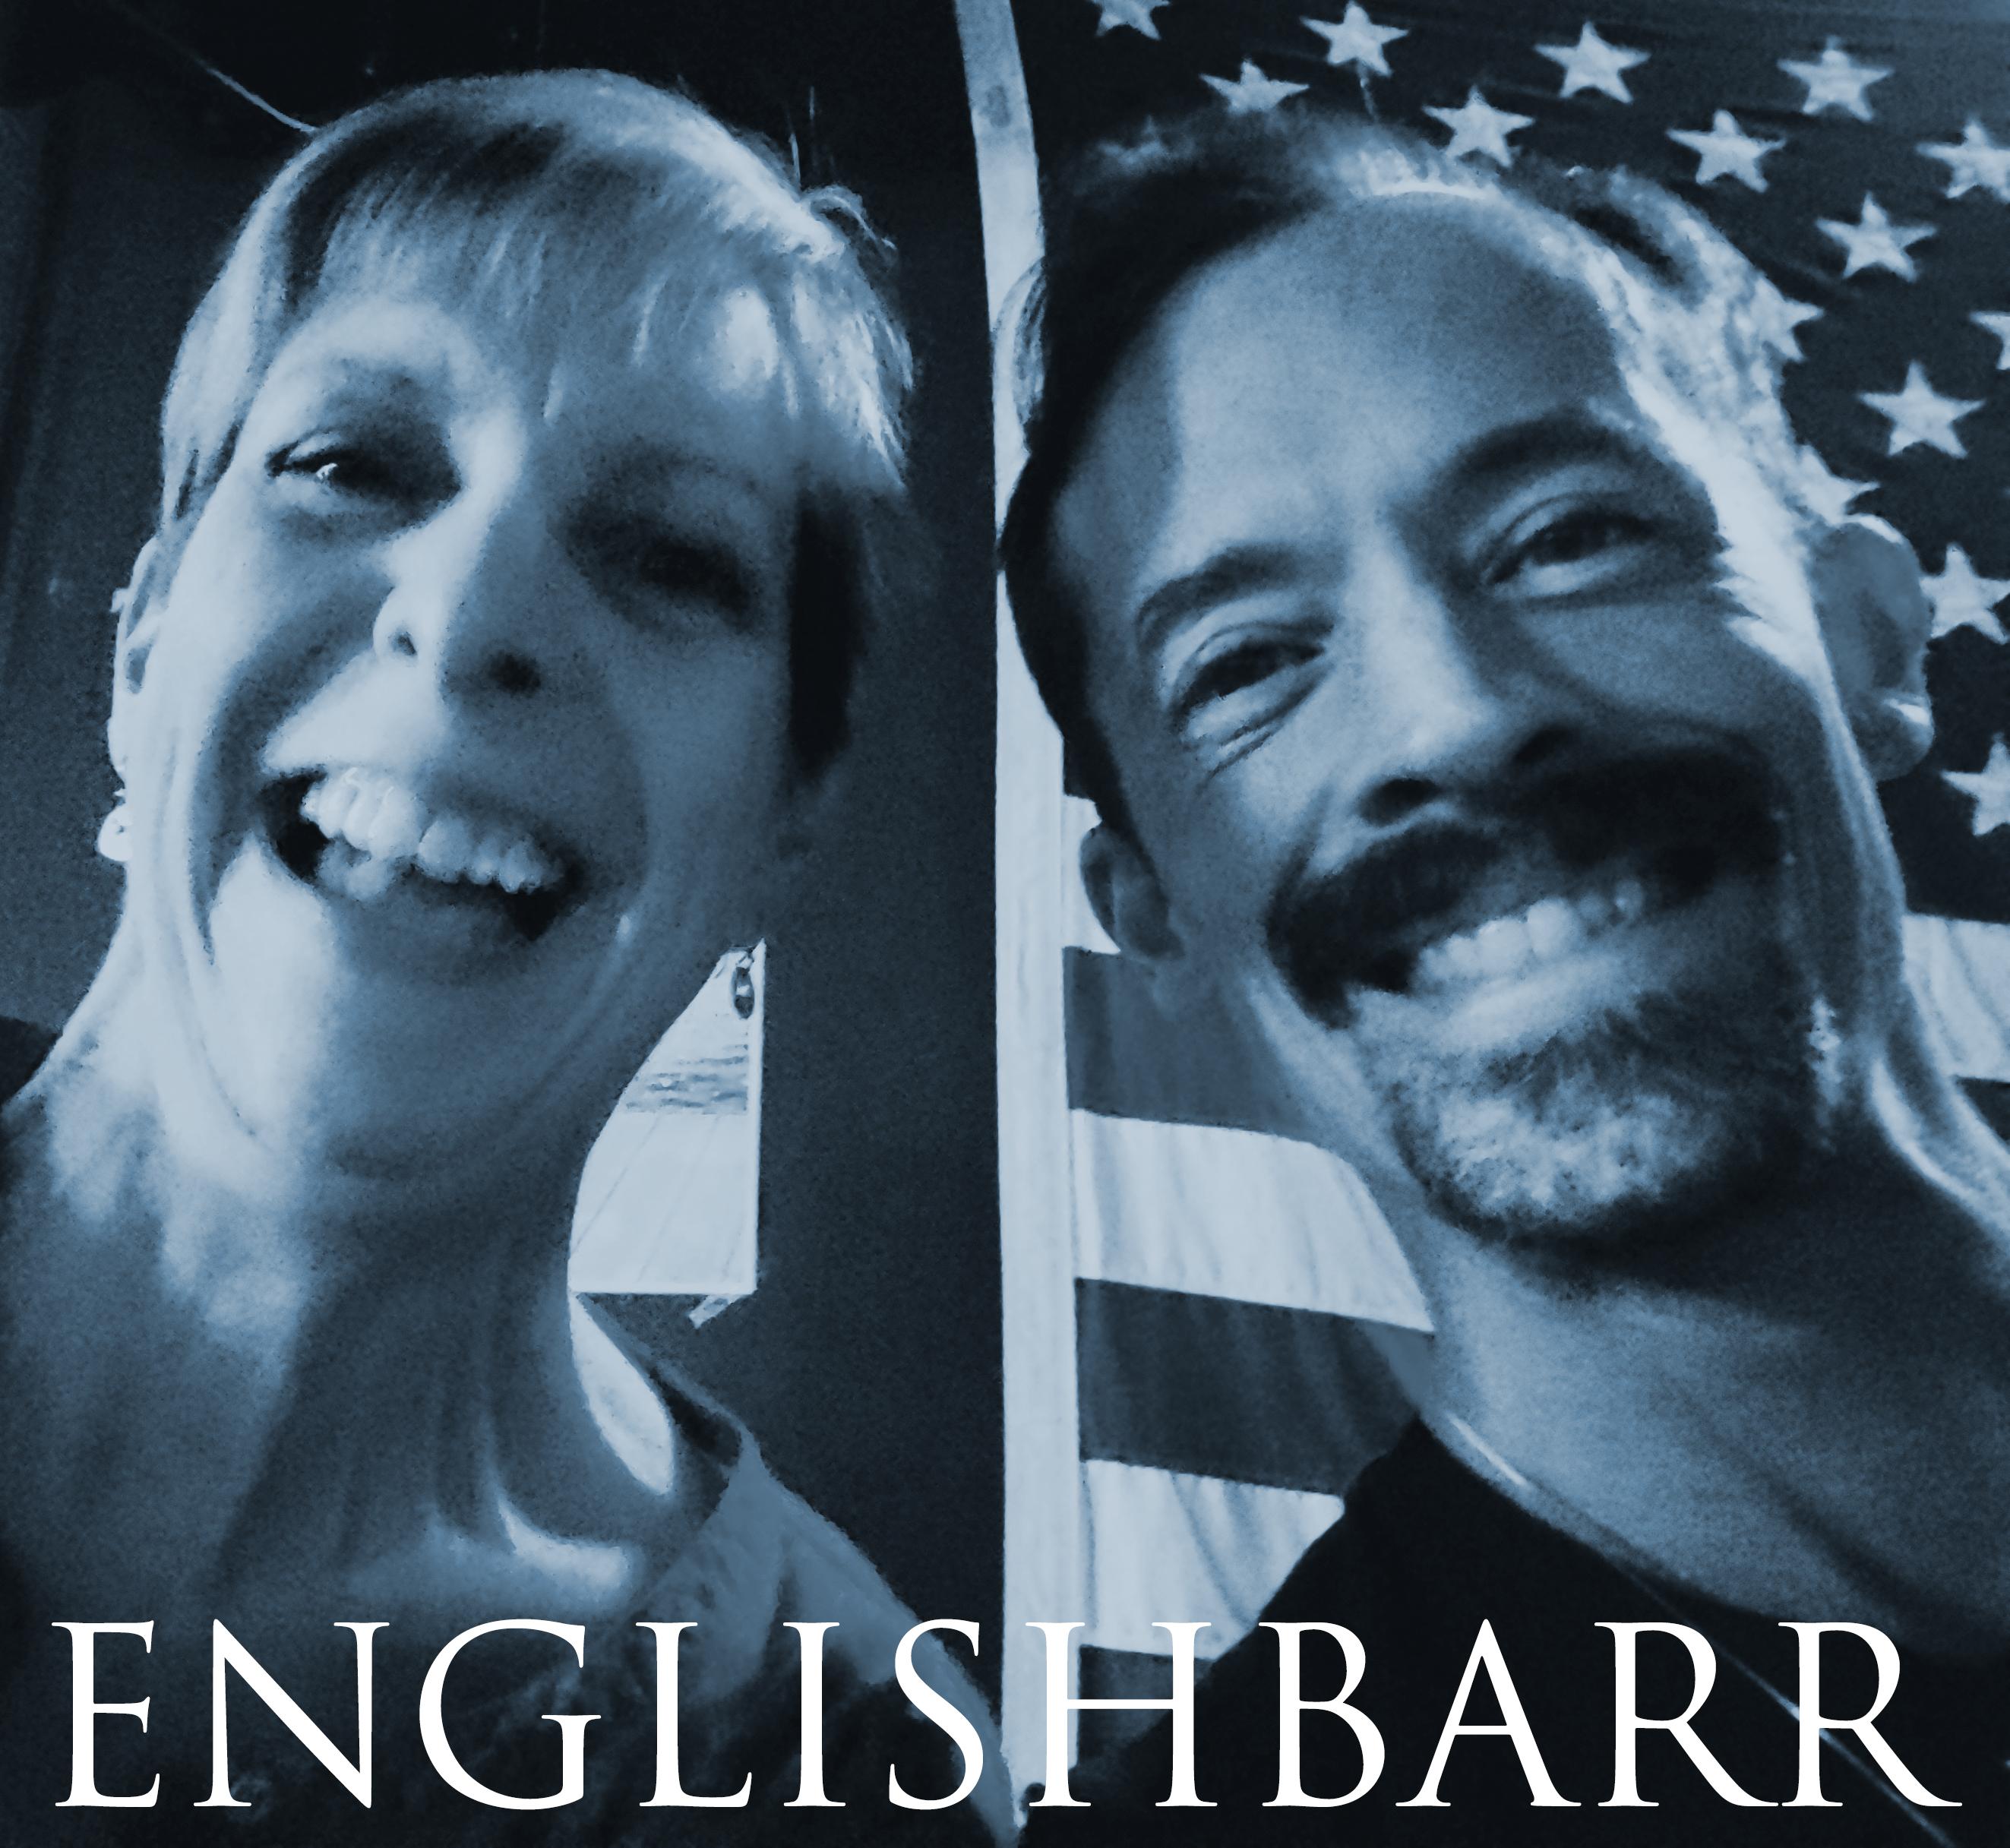 EnglishBarr Dec 2019